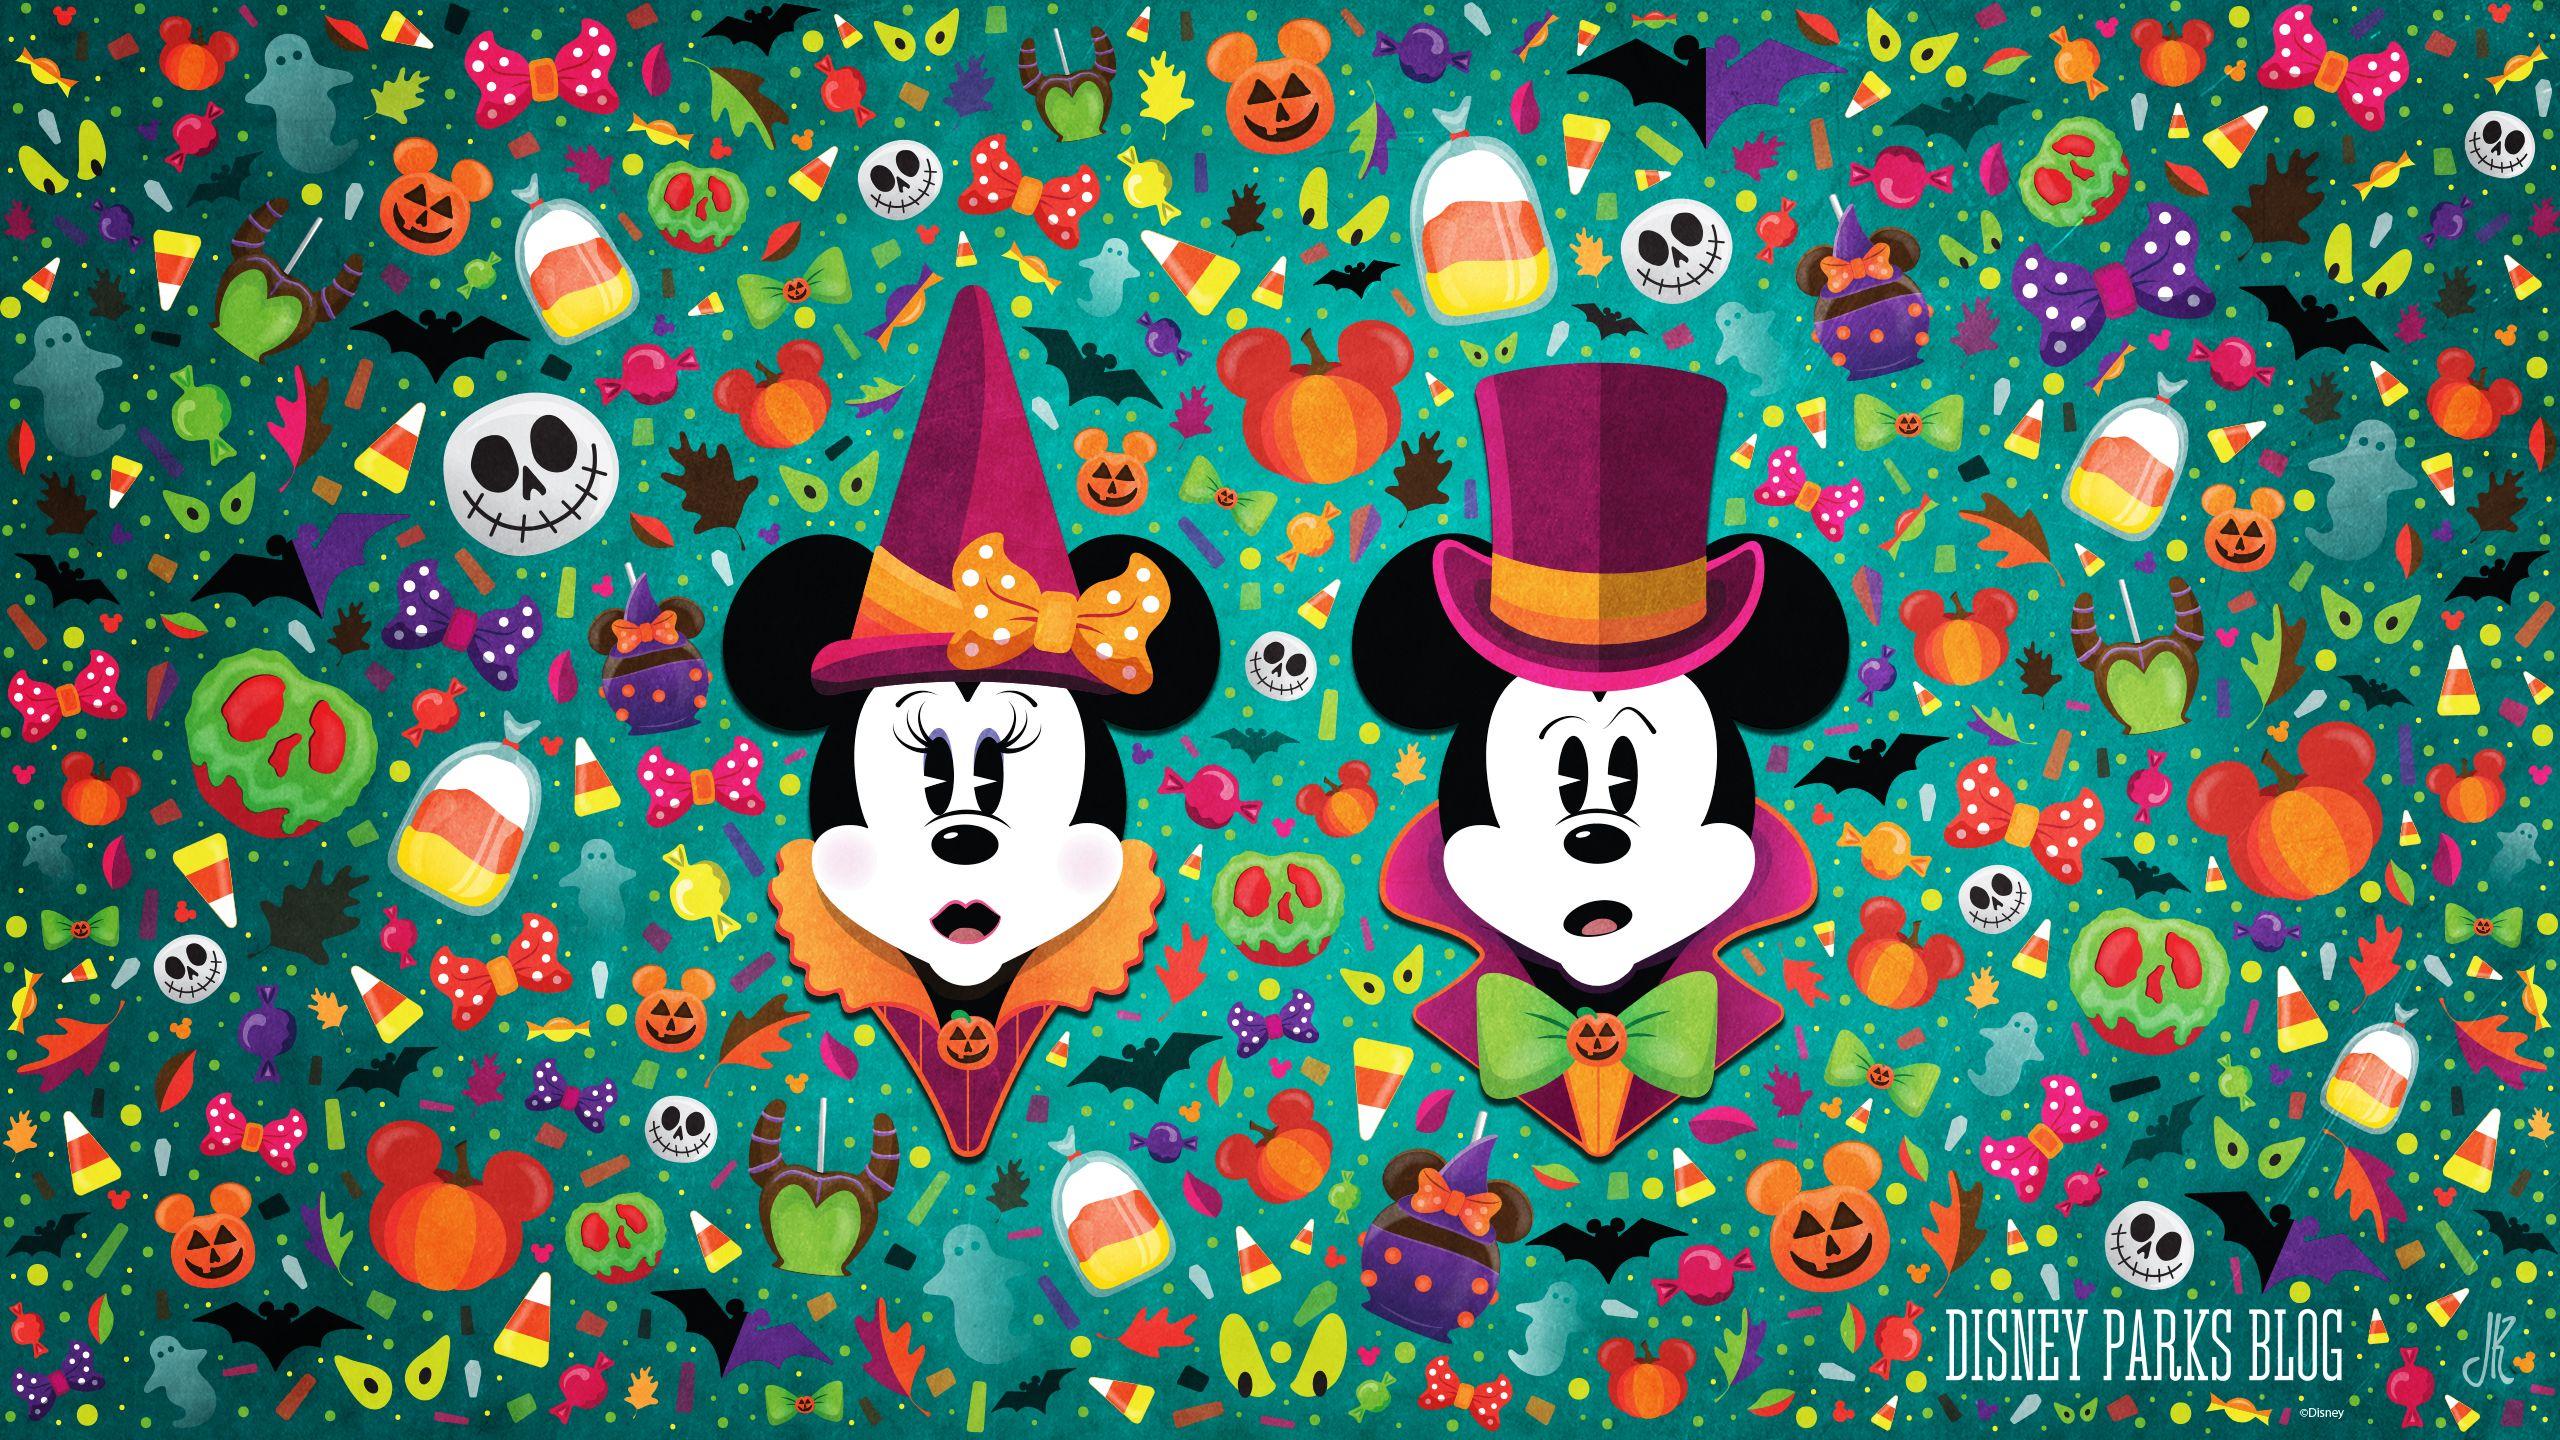 Halloween 2560x1440 Jpg Jpeg Image 2560 1440 Pixels Scaled 54 Halloween Desktop Wallpaper Disney Halloween